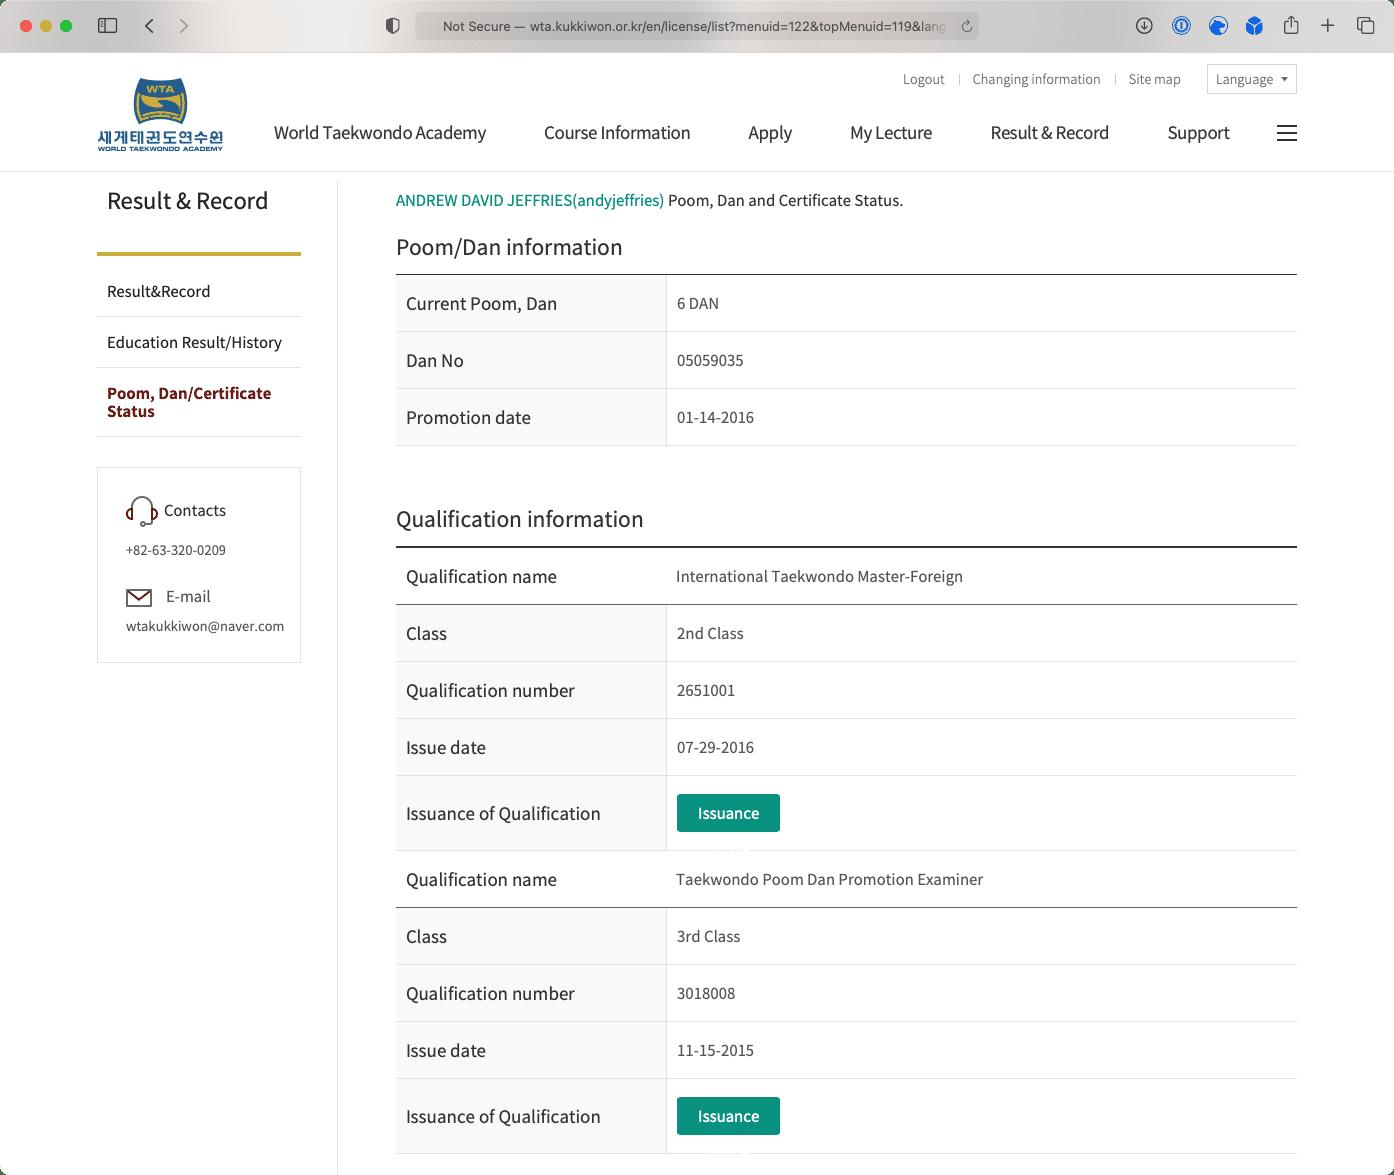 Screenshot 2021-05-10 at 15.02.10.png